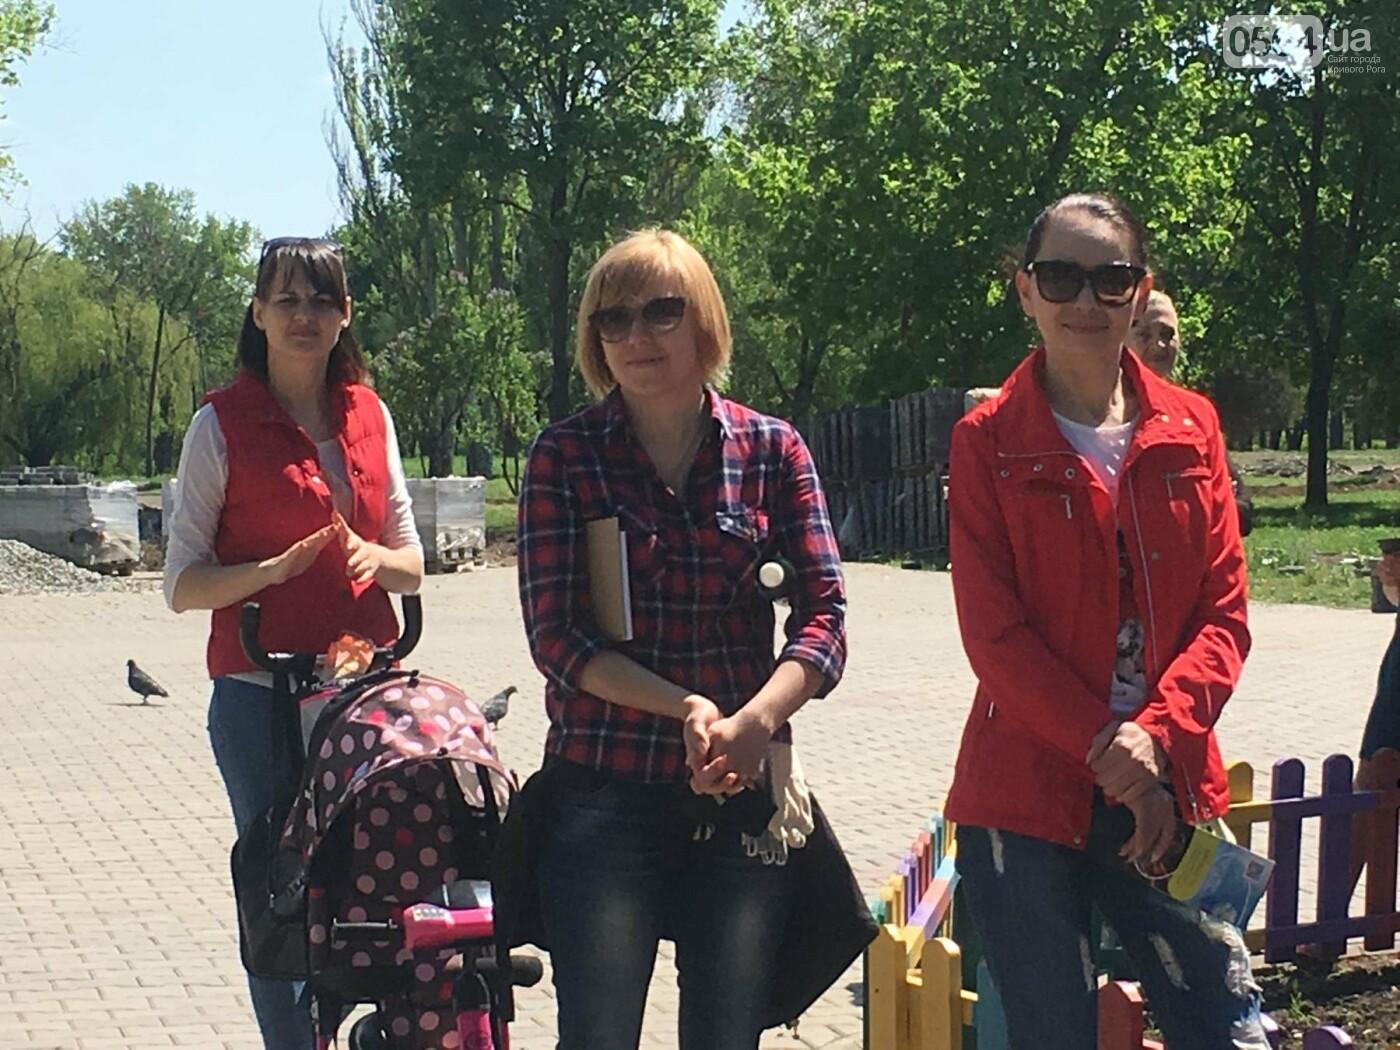 """""""В Европу без мусора!"""": криворожане помогли подготовить парк к Еврофесту (ФОТО), фото-3"""